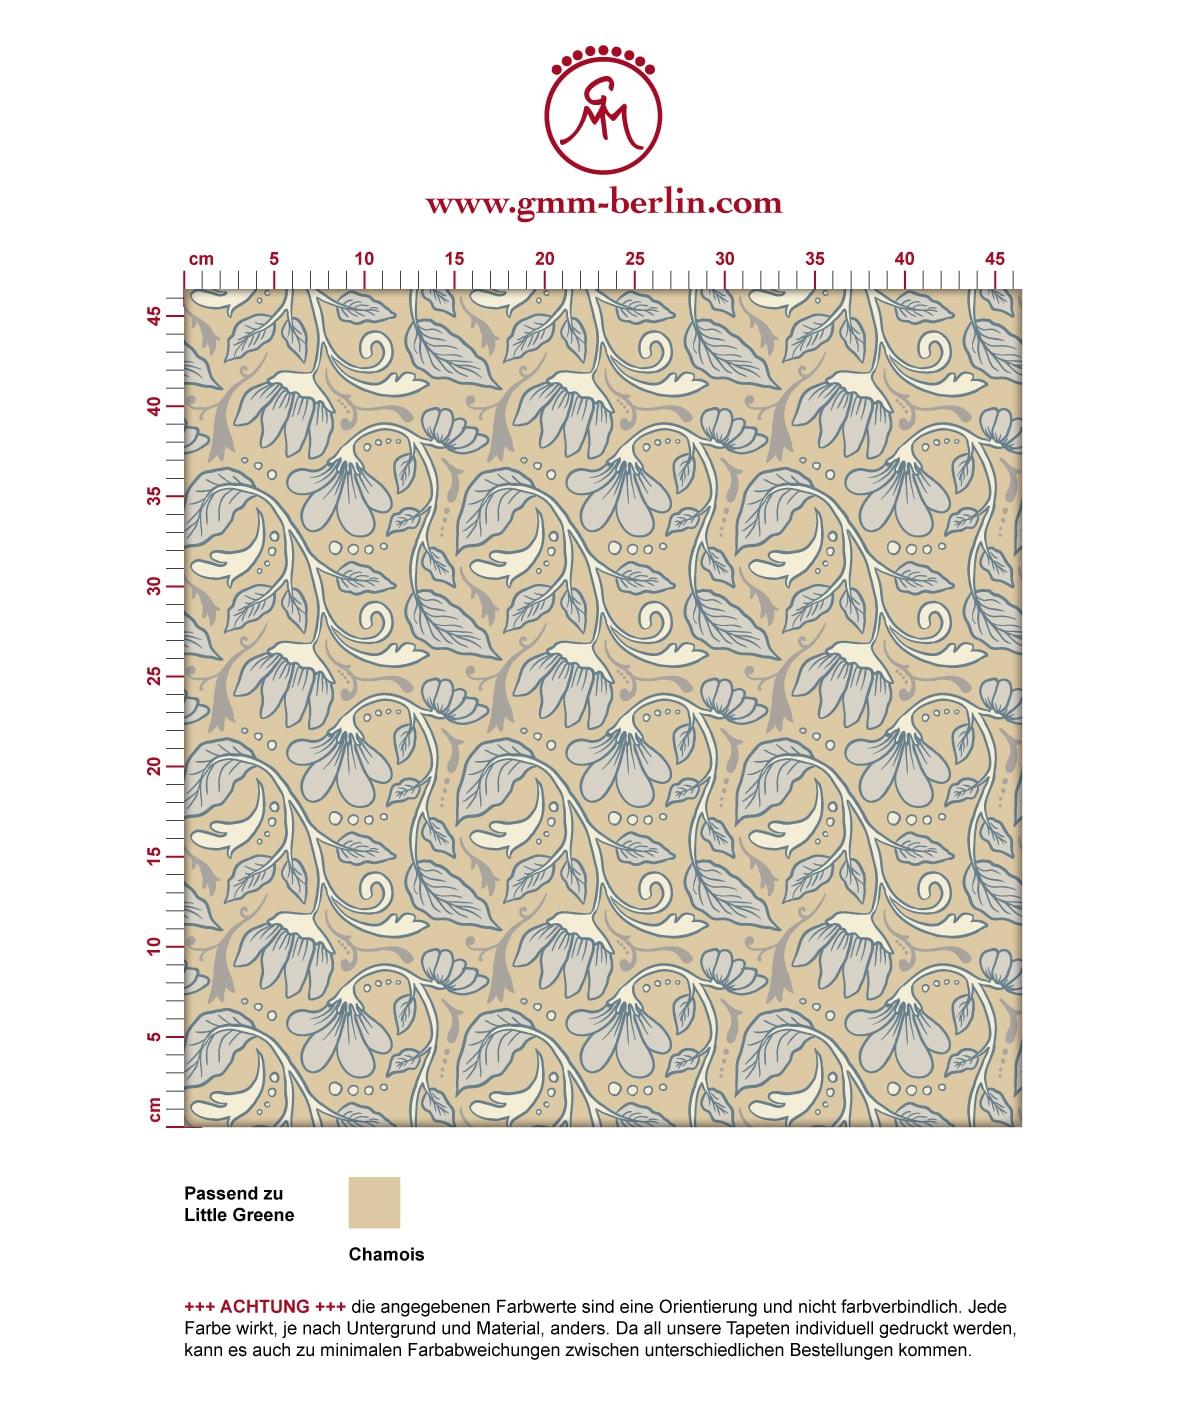 terracotta wandfarbe schlafzimmer janine bettw sche 200x200 traum schlafzimmer feuerwehrmann. Black Bedroom Furniture Sets. Home Design Ideas